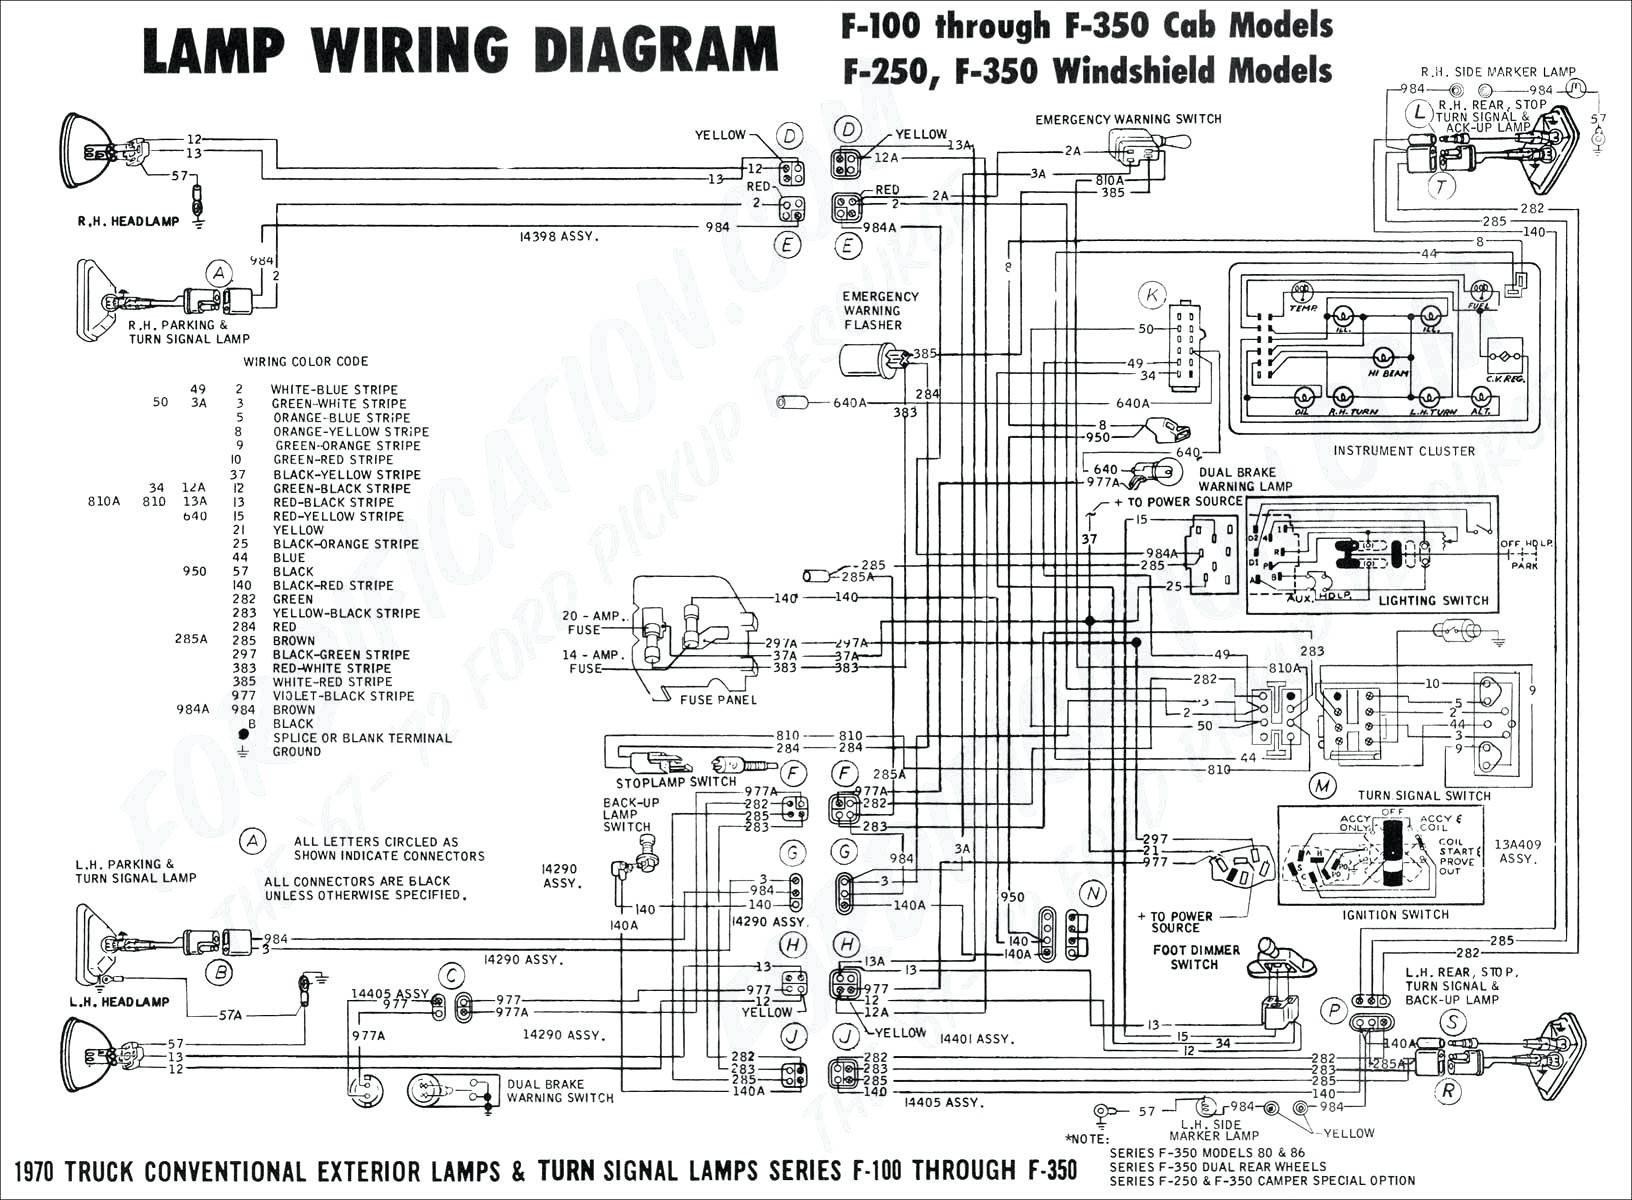 Toyota Previa Engine Diagram Wiring Diagram Alternator toyota Camry 1992 Schematics Wiring Of Toyota Previa Engine Diagram